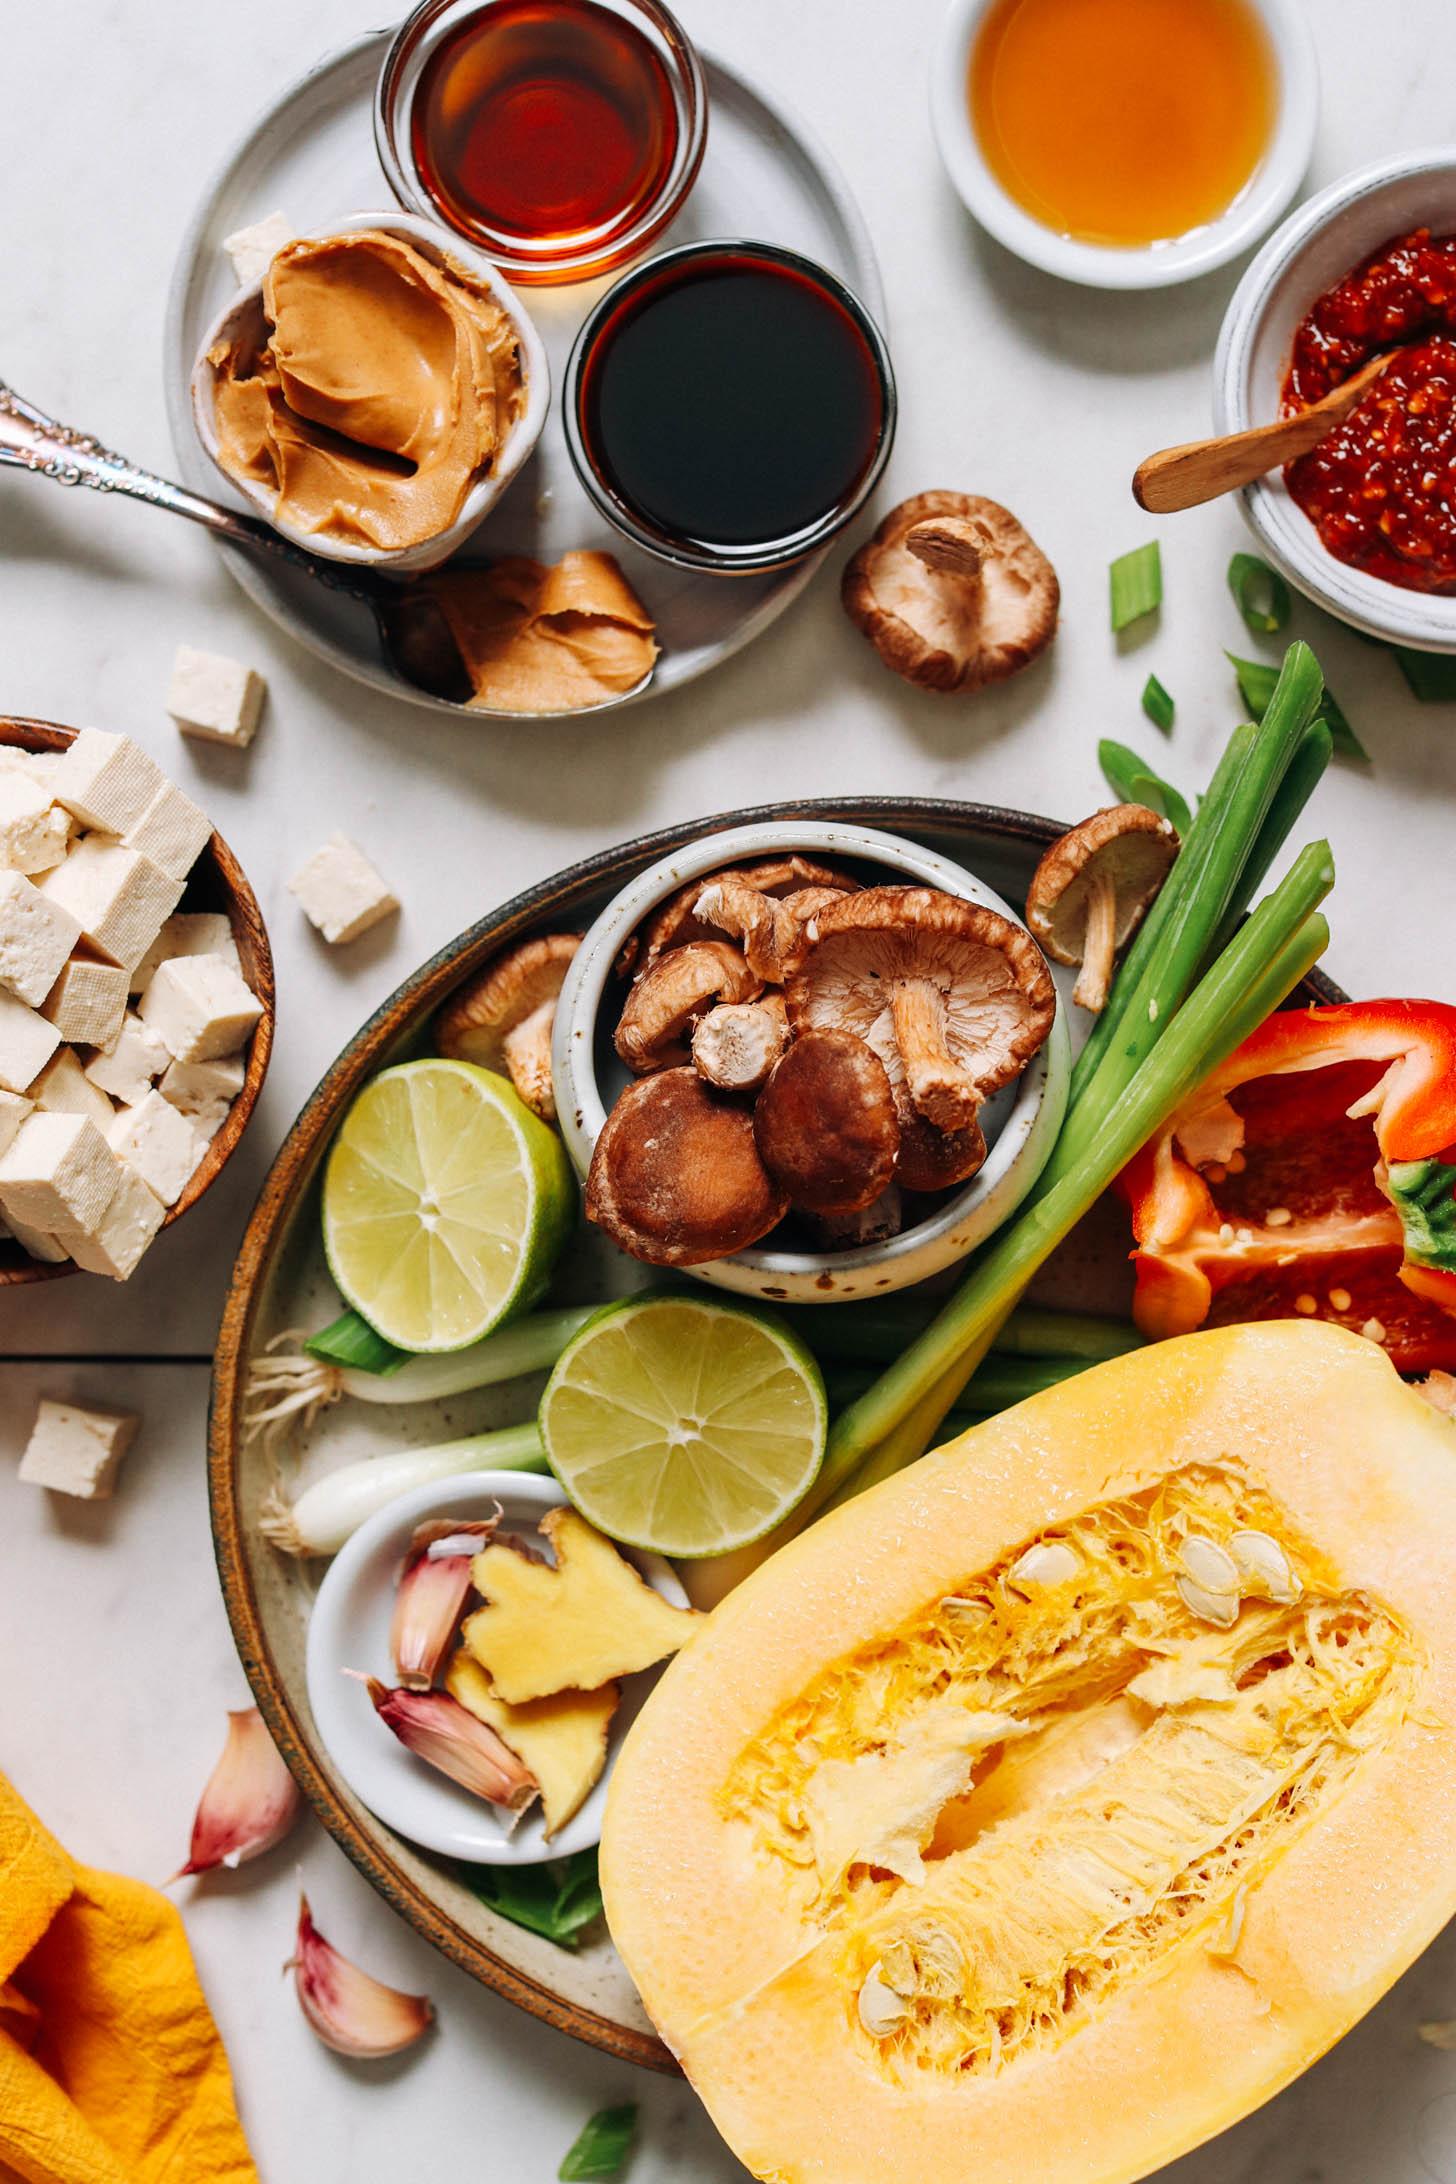 Spagetti kabak, kırmızı dolmalık biber, yeşil soğan, mantar, misket limonu, zencefil, sarımsak, küp doğranmış tofu, fındık yağı, hindistancevizi amino asitleri, akçaağaç şurubu ve kızarmış susam yağı